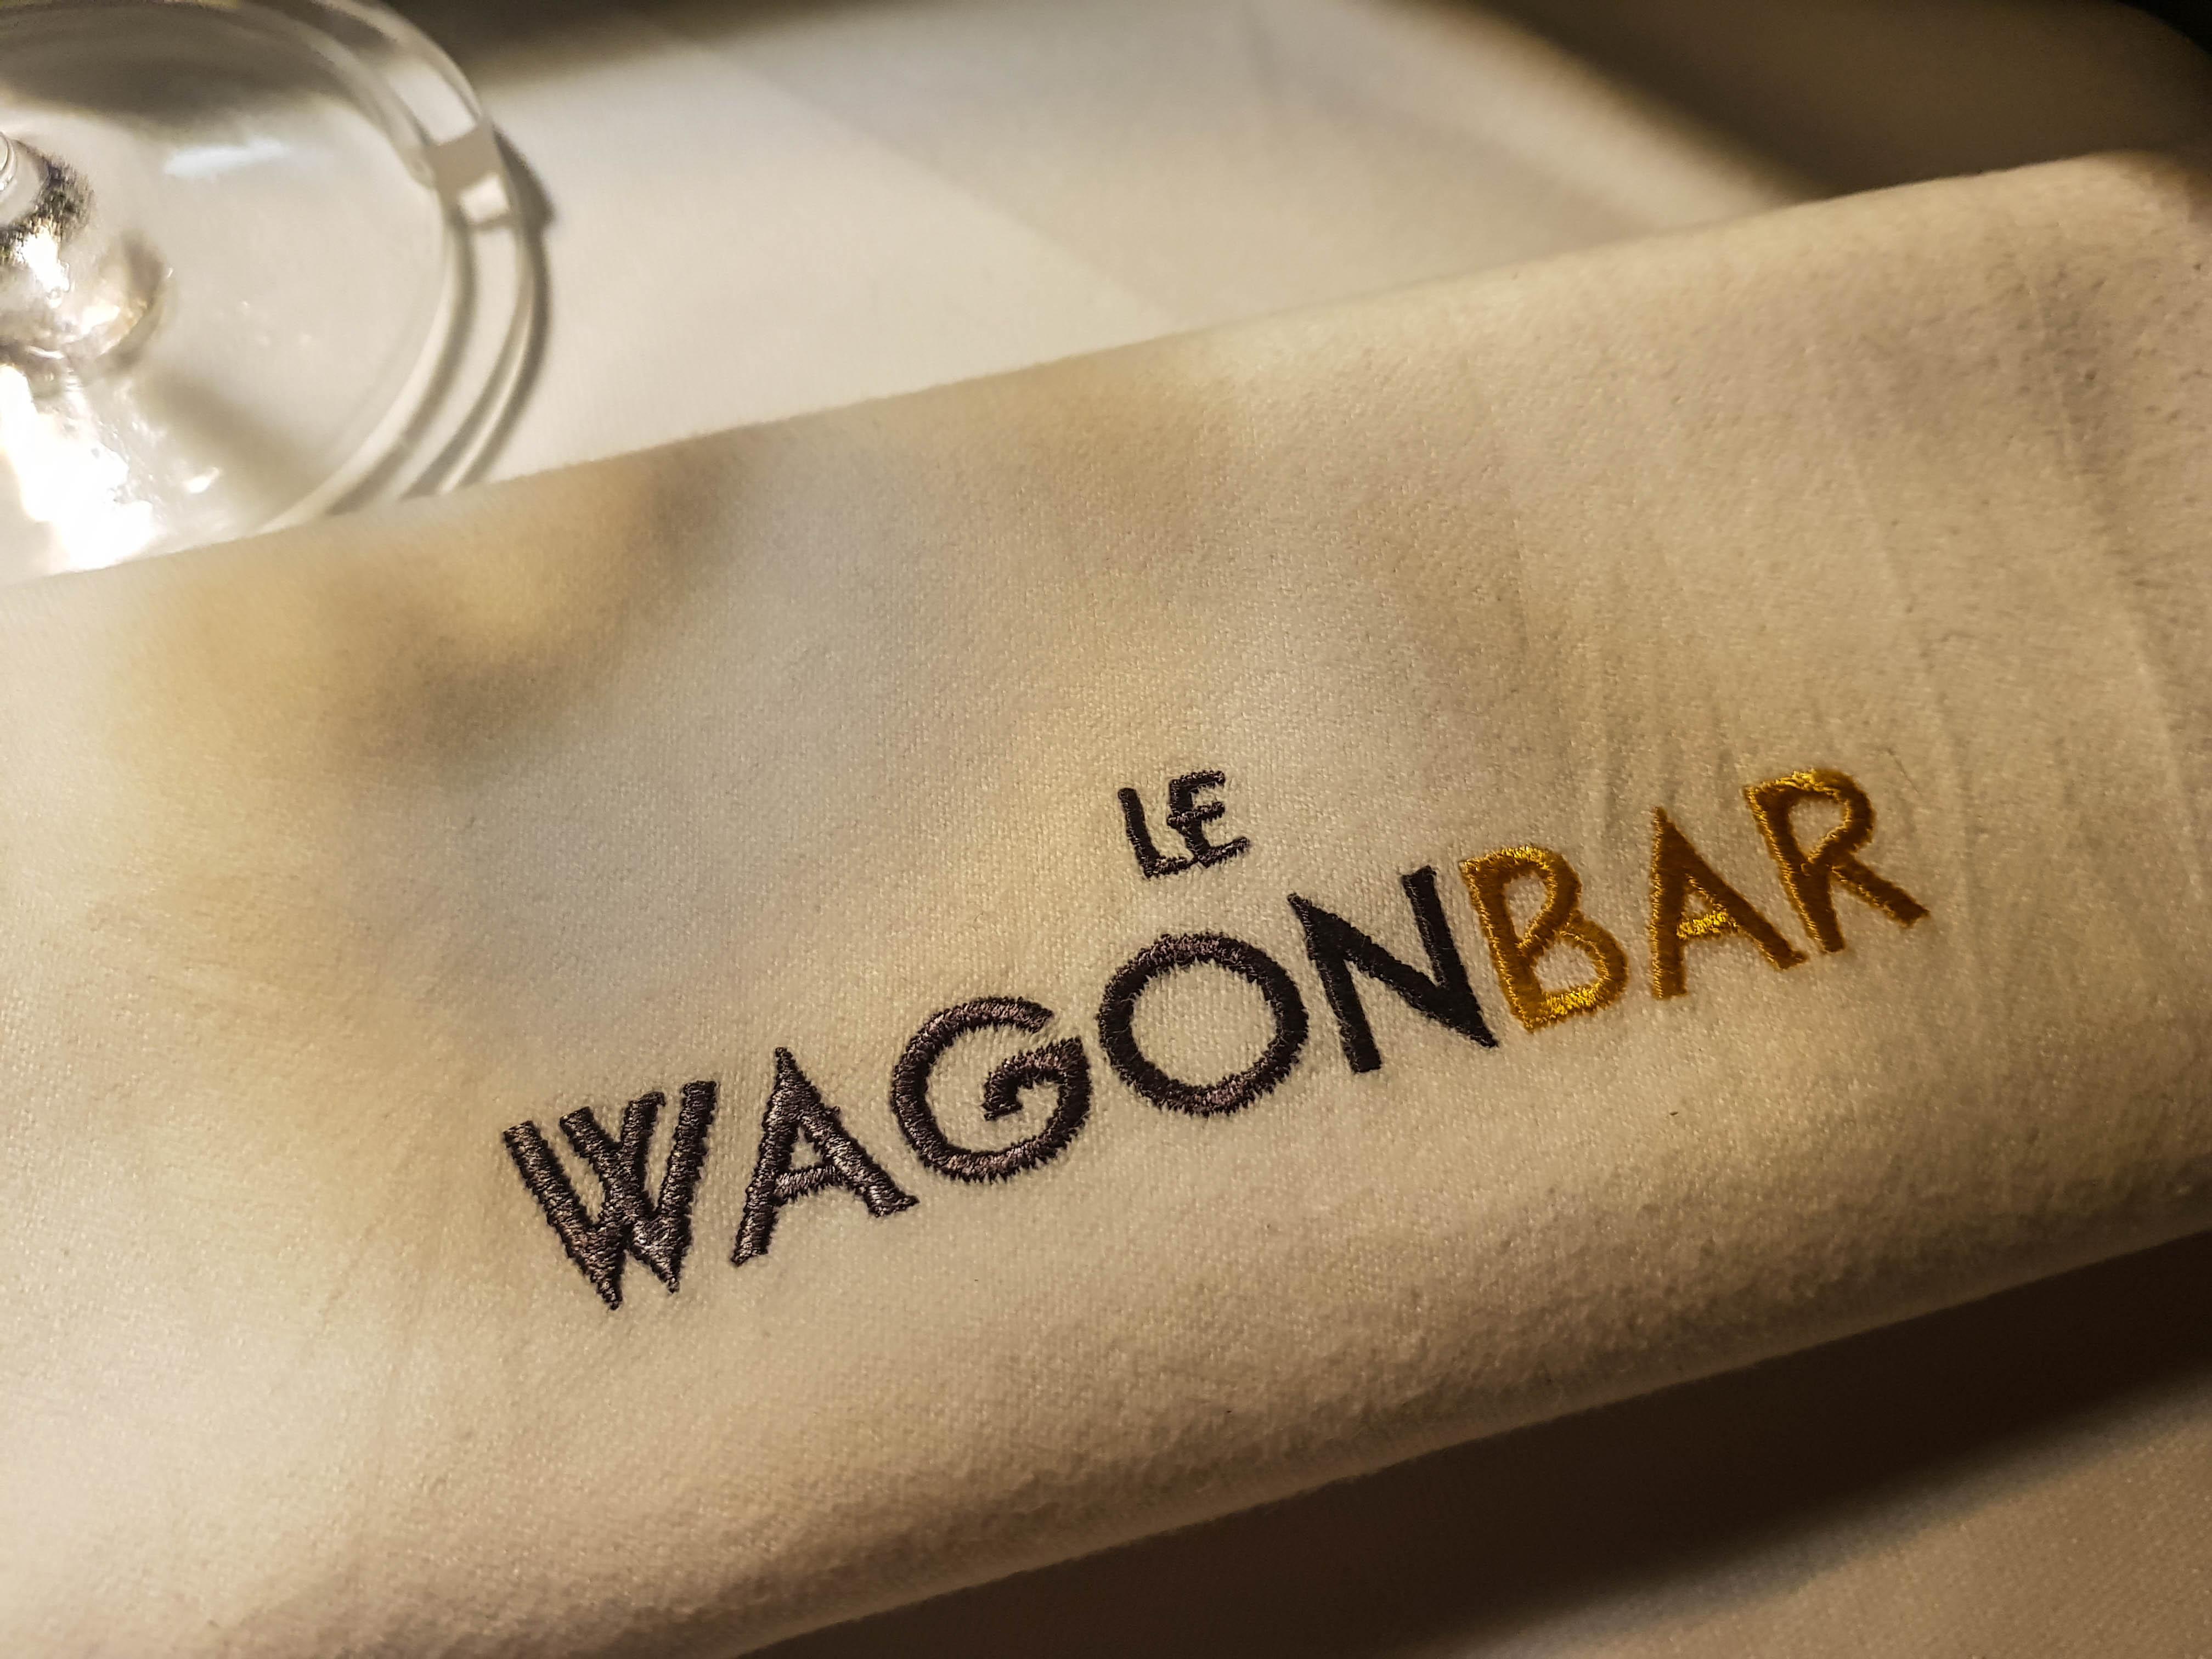 Le Wagon Bar - Test du bus restaurant de Lyon 7